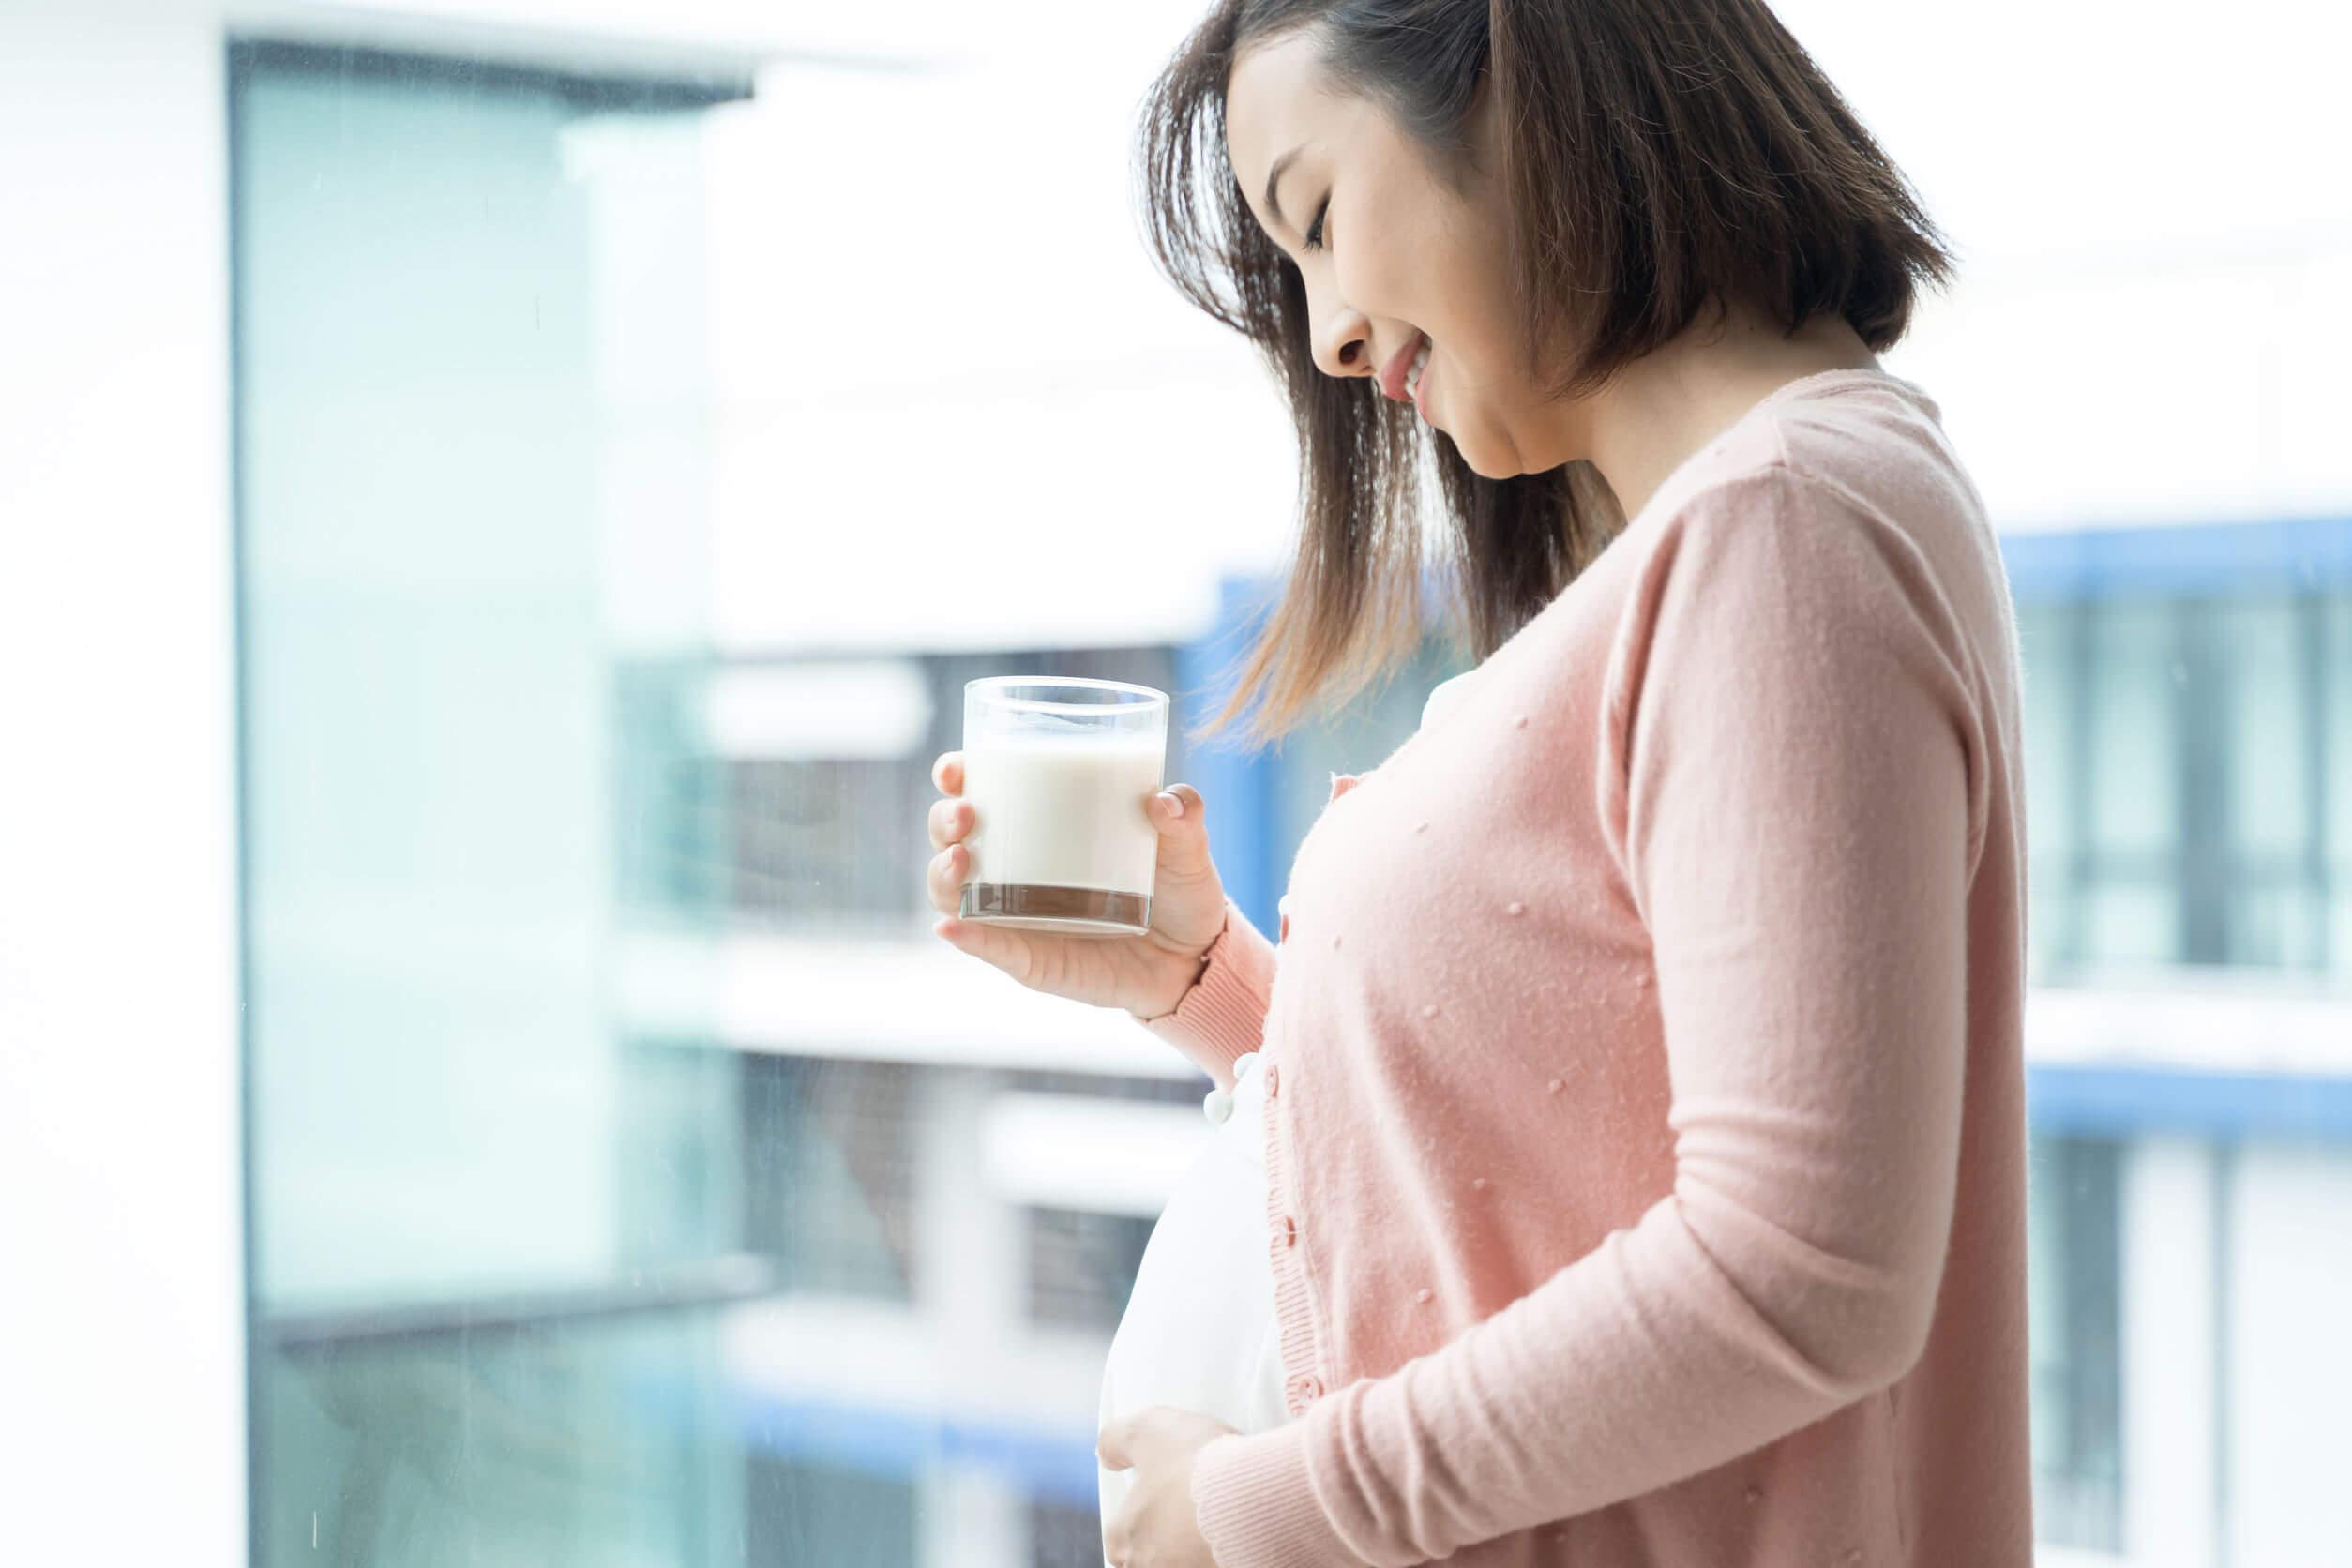 Mujer embarazada bebiendo leche para reducir los ardores estomacales.